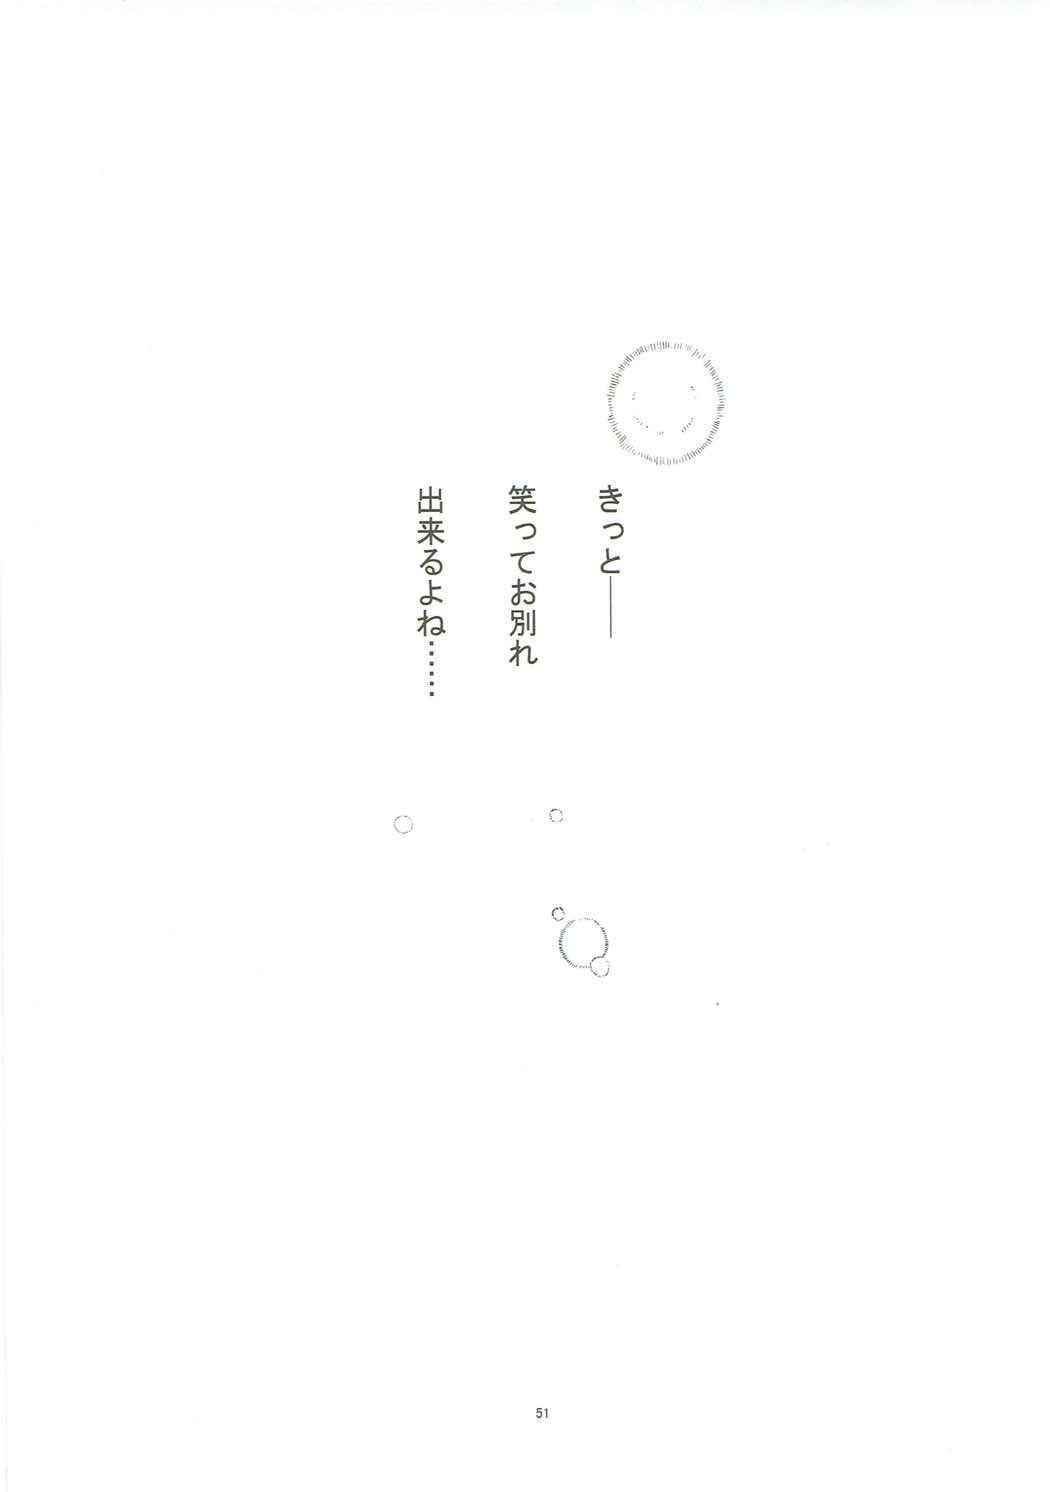 KAISHAKU GOLDEN THEATRE 48